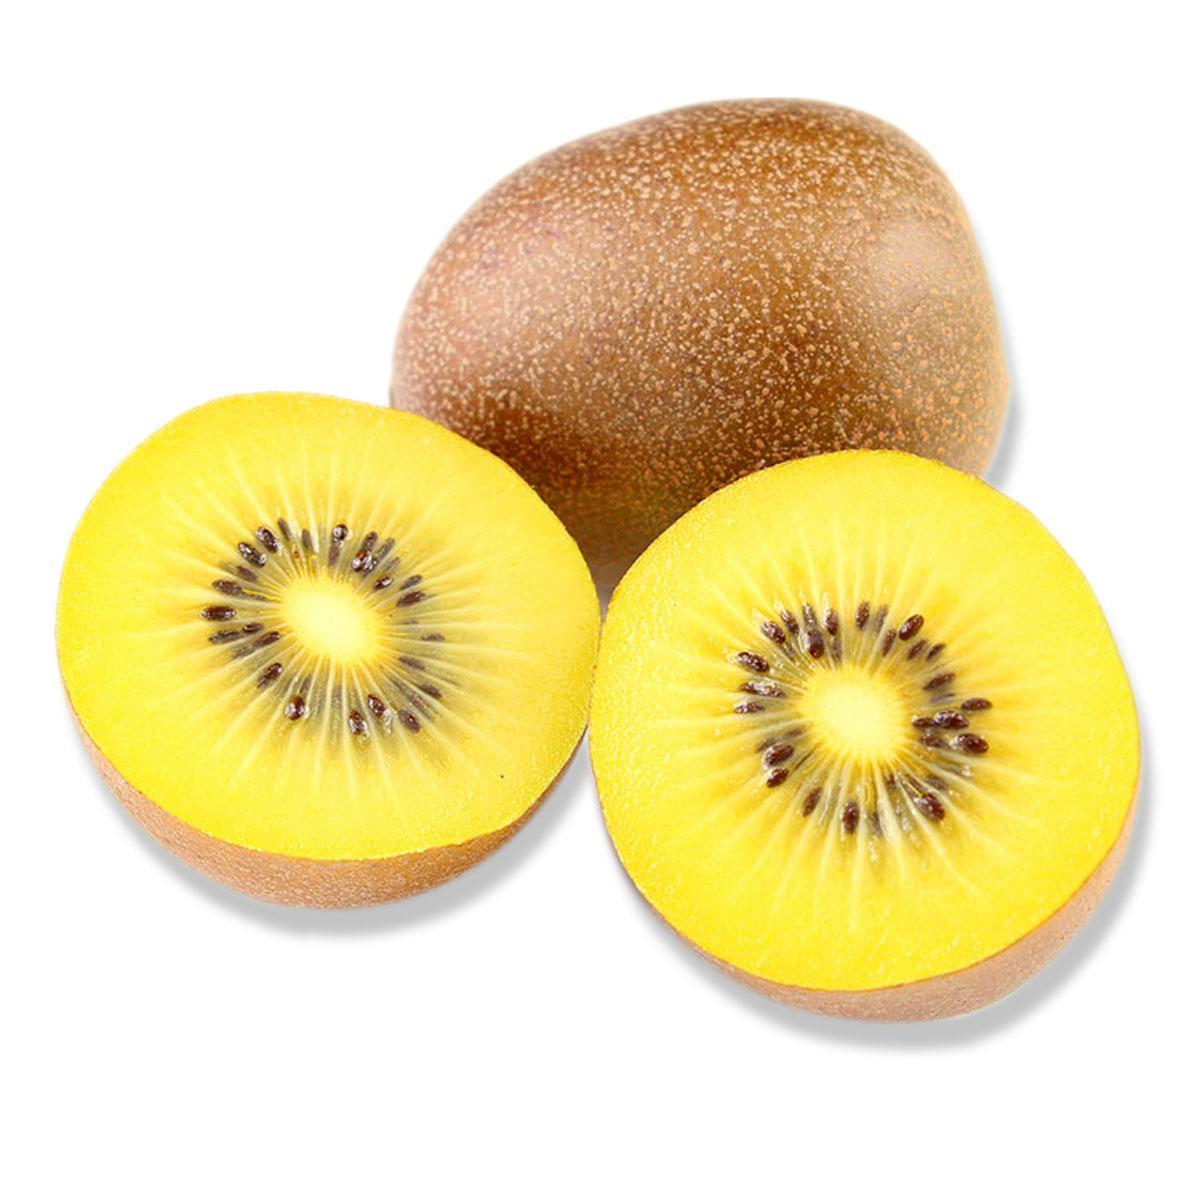 Kiwi Gold New Zealand